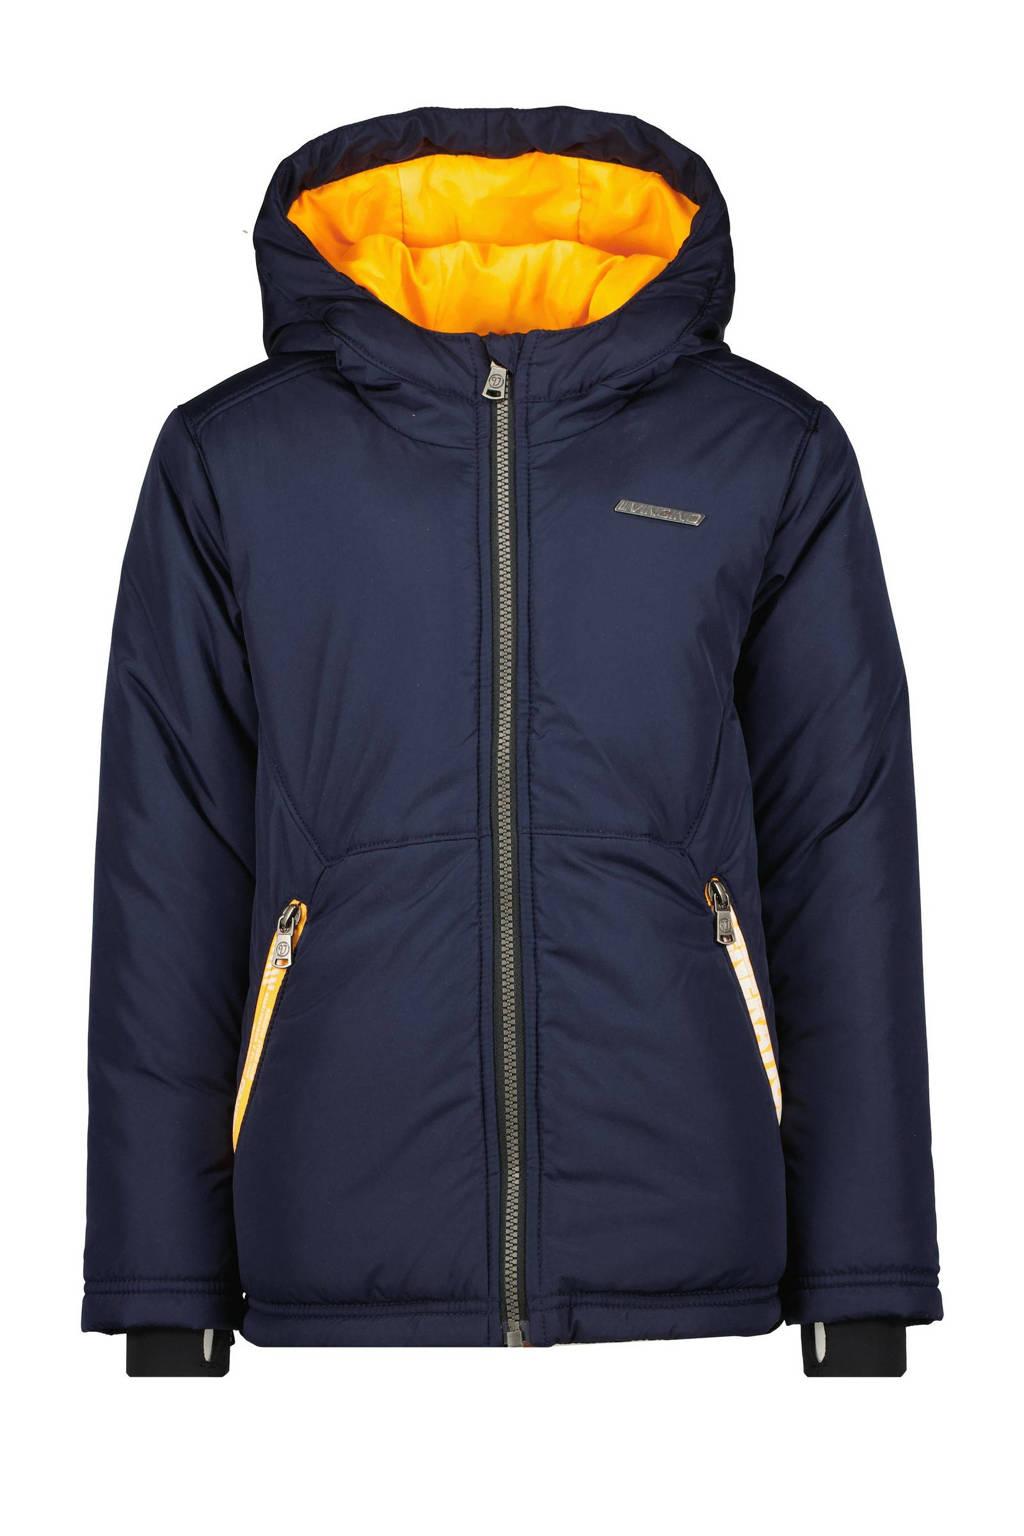 Vingino gewatteerde winterjas Tivaro donkerblauw, Donkerblauw